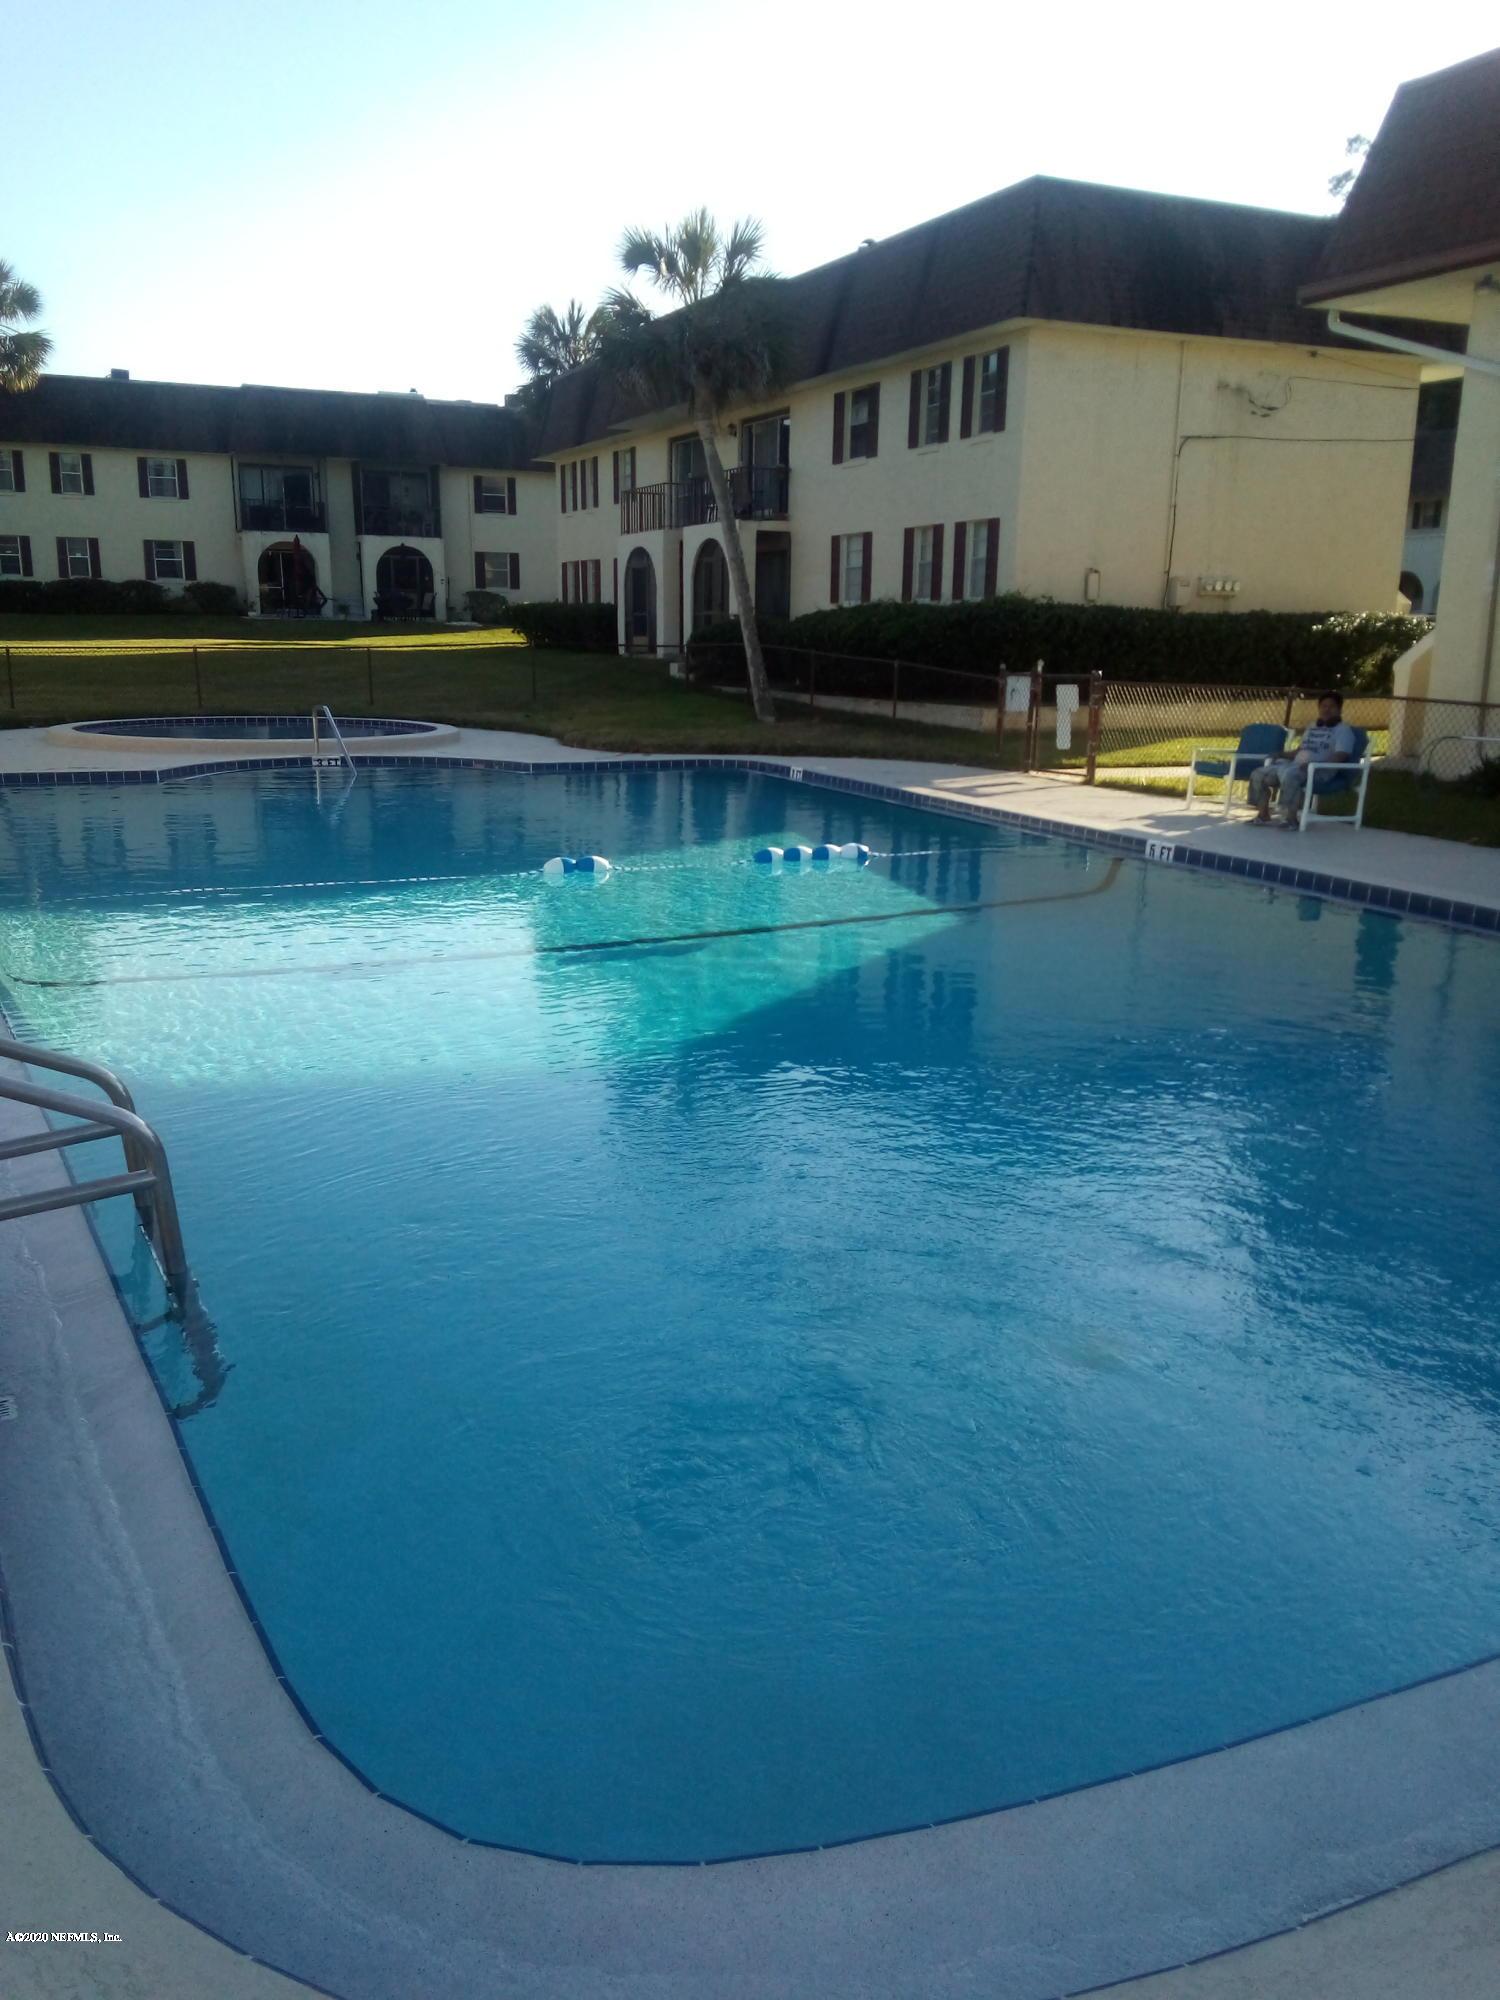 1551 EL CAMINO, JACKSONVILLE, FLORIDA 32216, 2 Bedrooms Bedrooms, ,2 BathroomsBathrooms,Residential,For sale,EL CAMINO,1044789